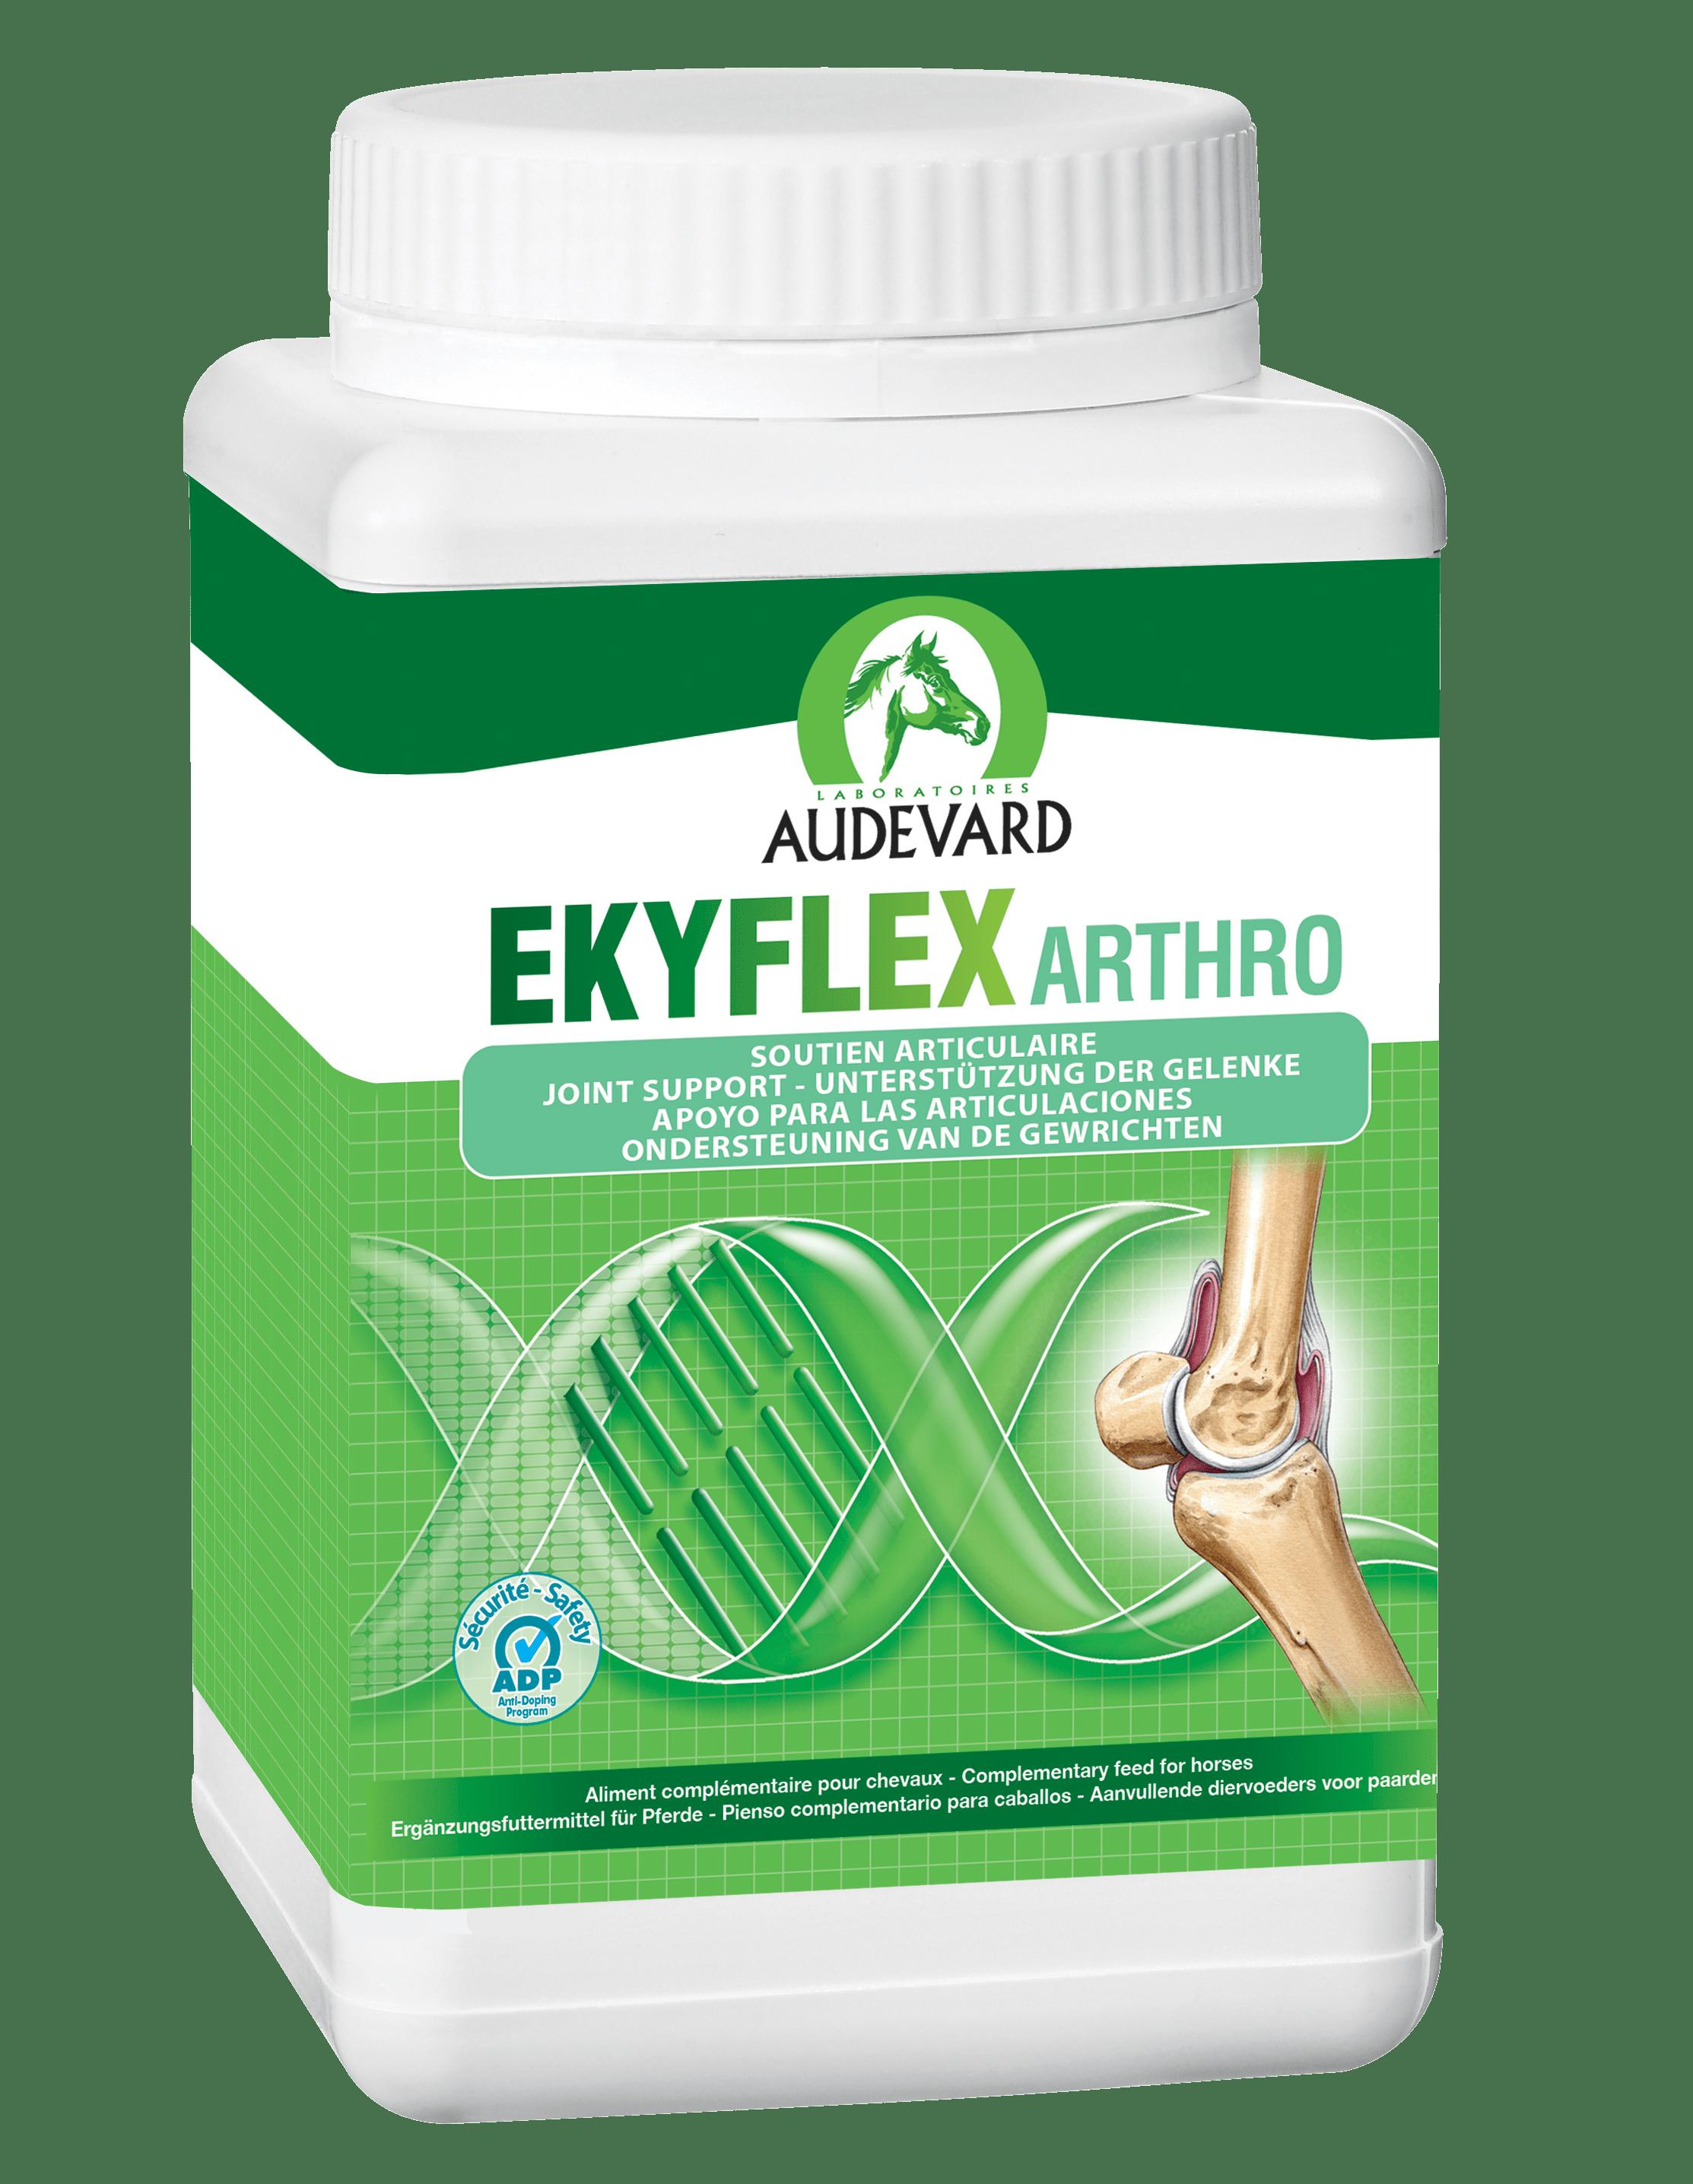 Audevard Ekyflex Arthro